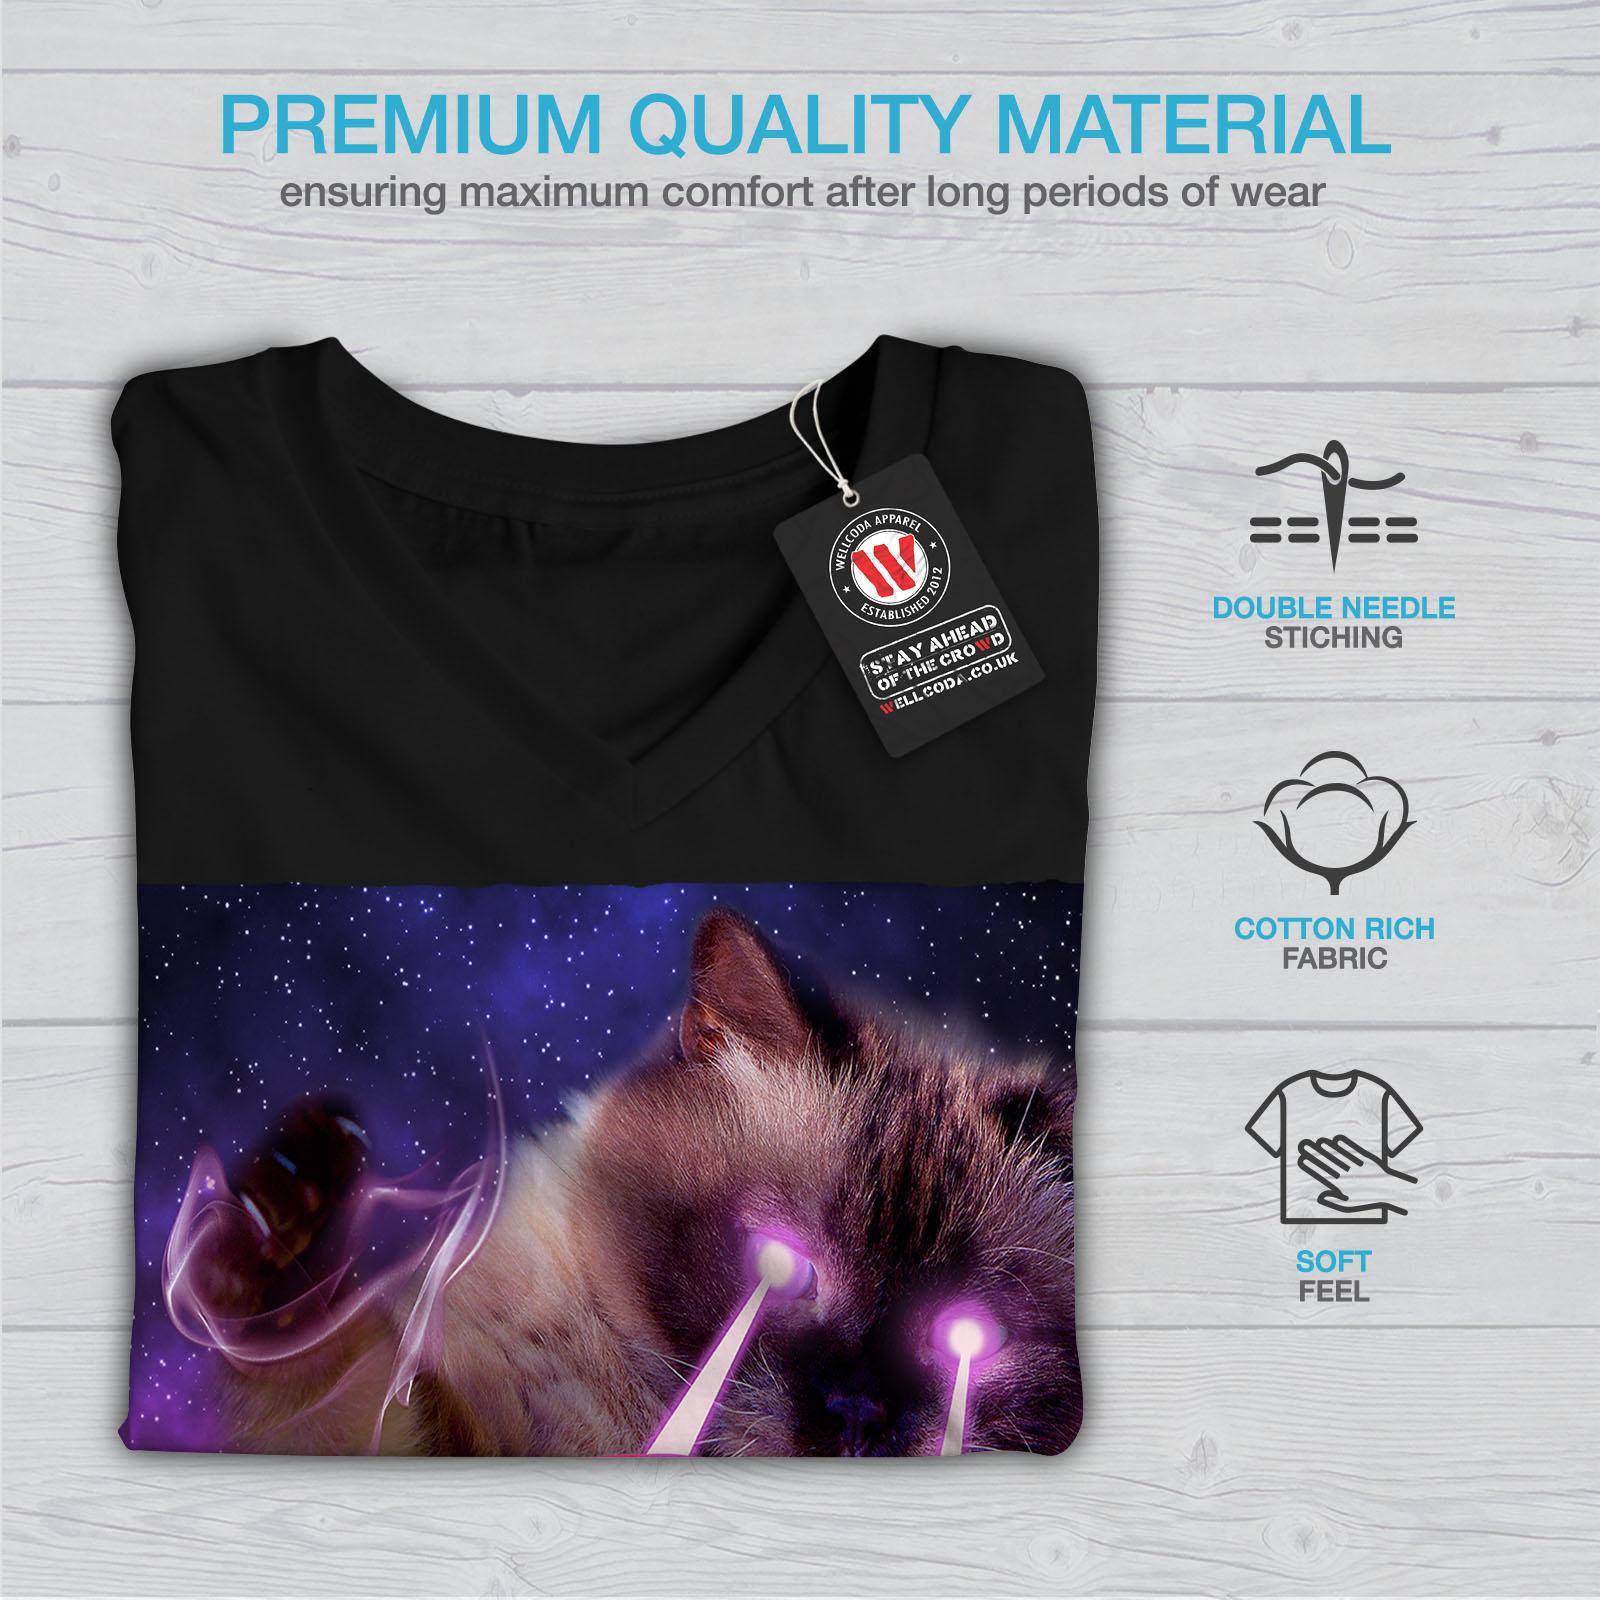 Ojo-de-gato-espacio-laser-de-hombre-cuello-en-V-wellcoda-Camiseta-Nuevo